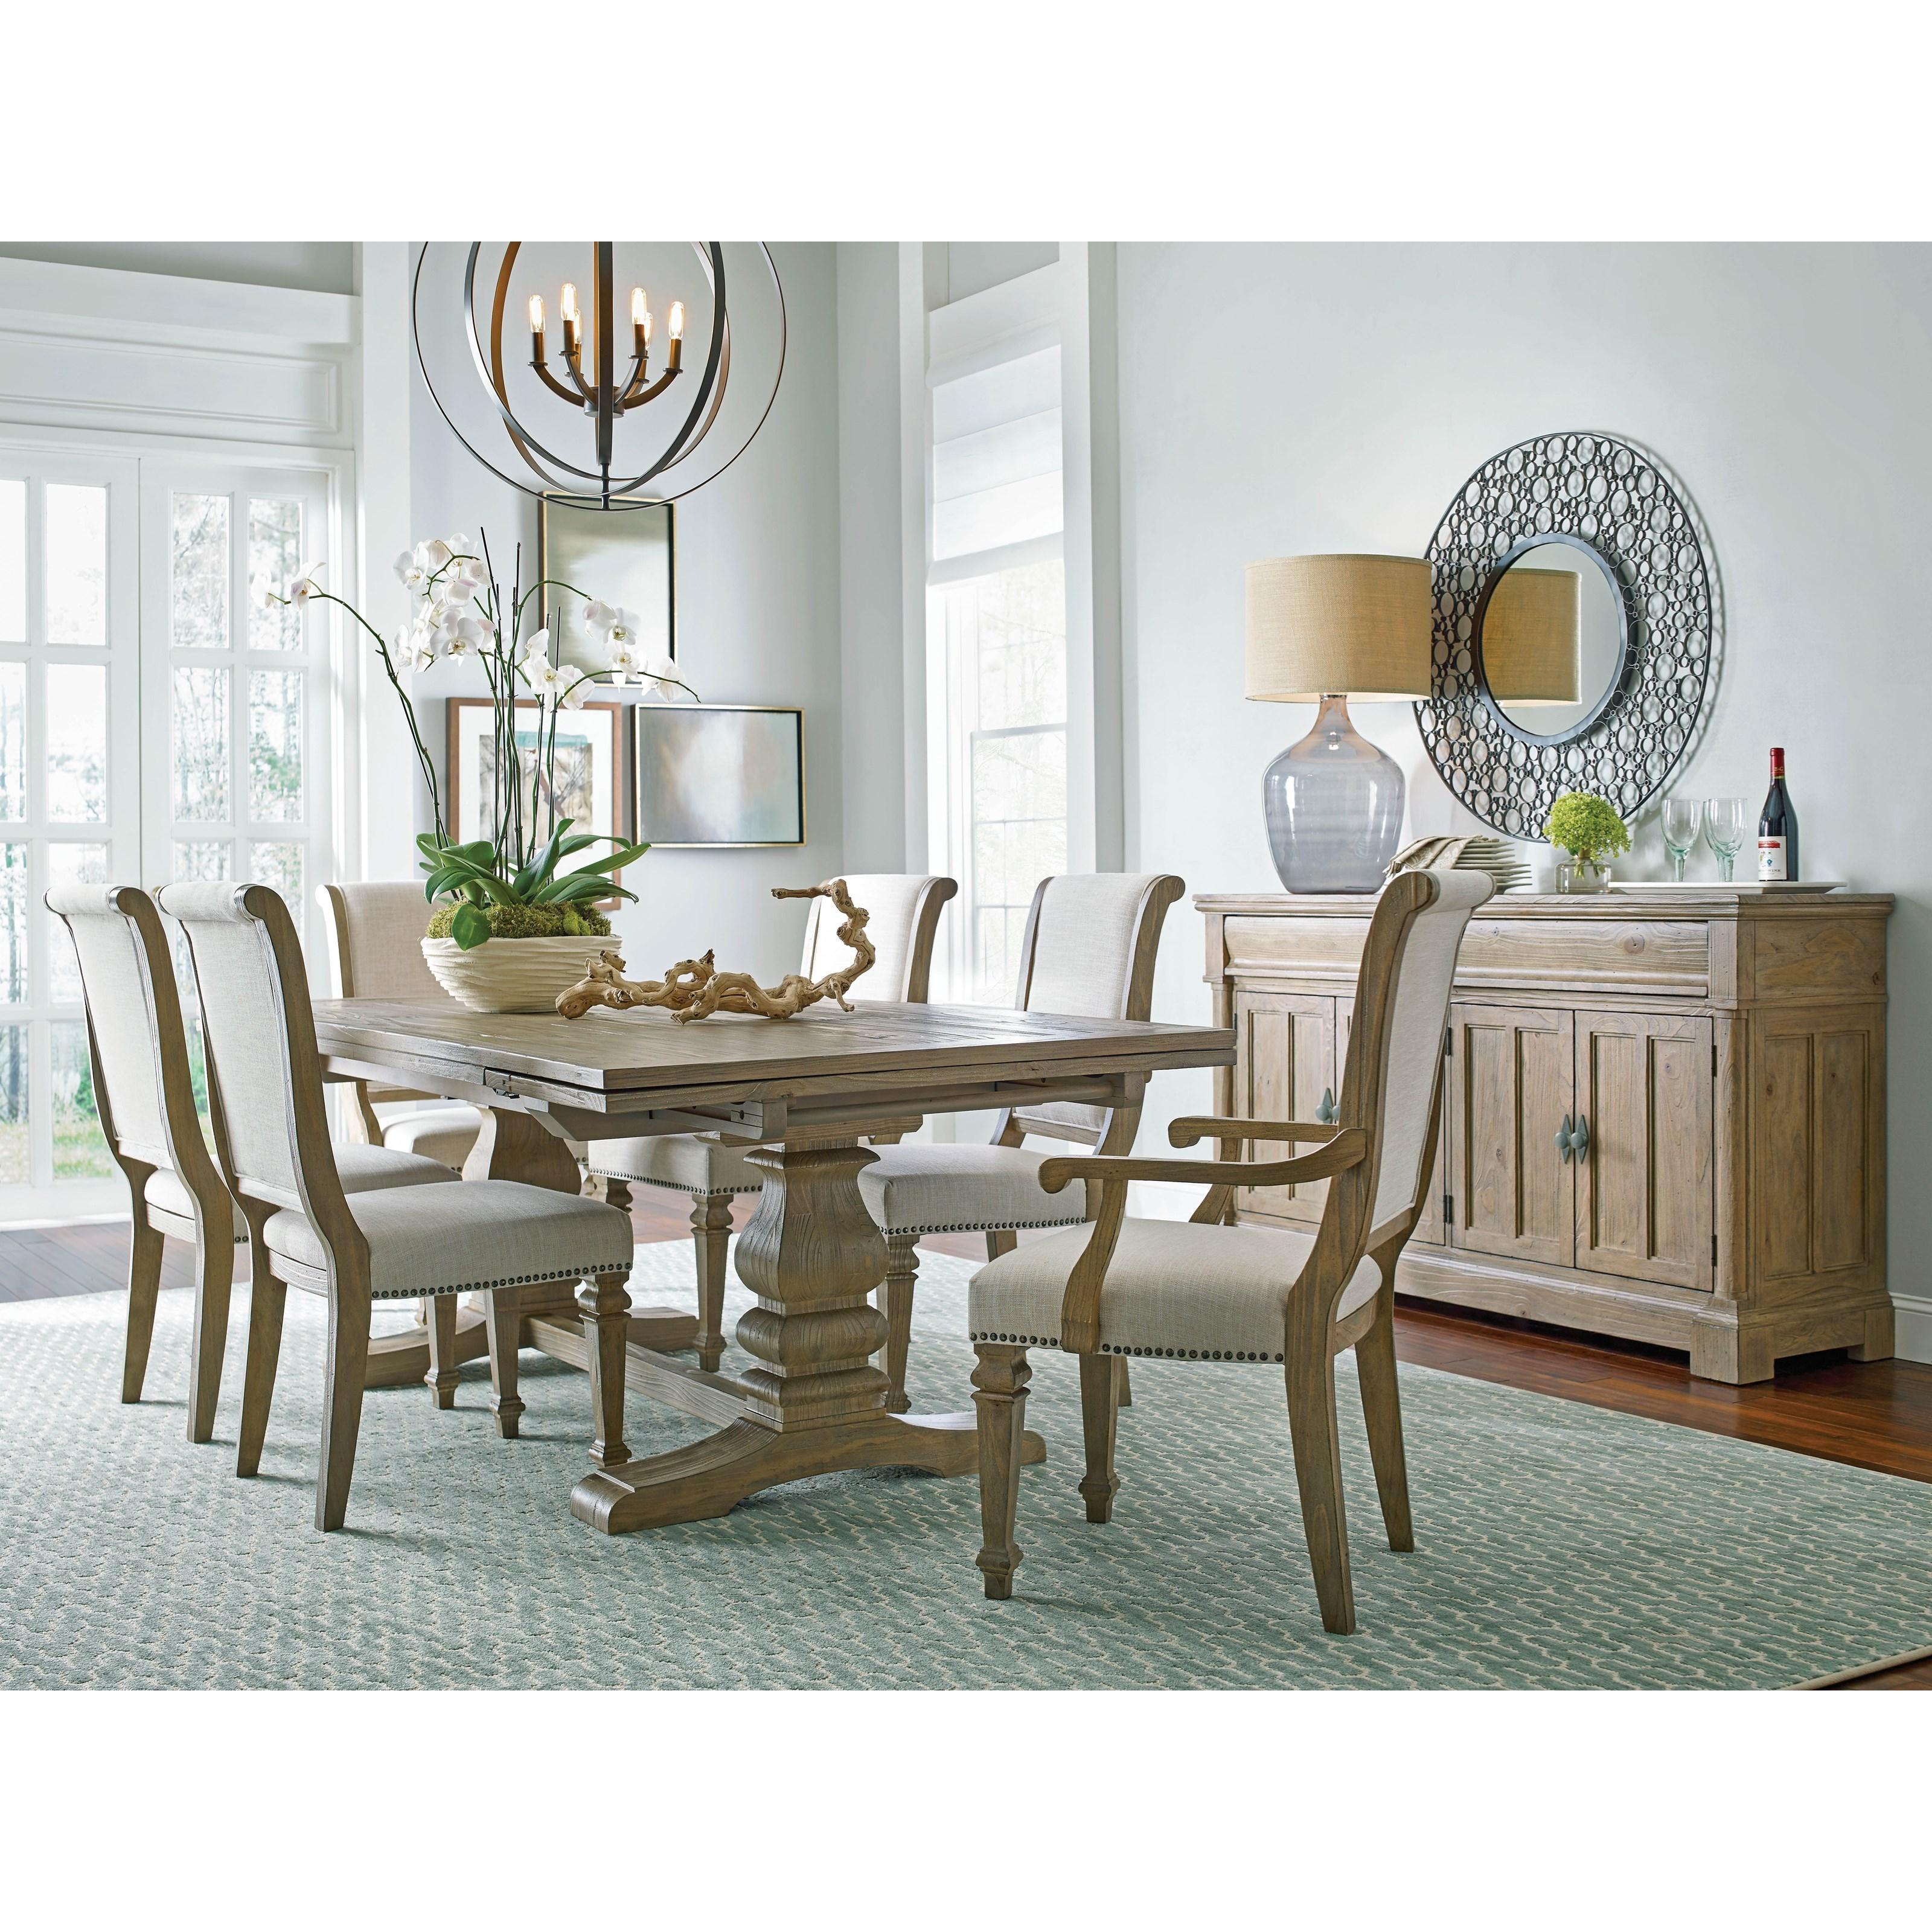 Kincaid Dining Room: Kincaid Furniture Stone Street Formal Dining Room Group